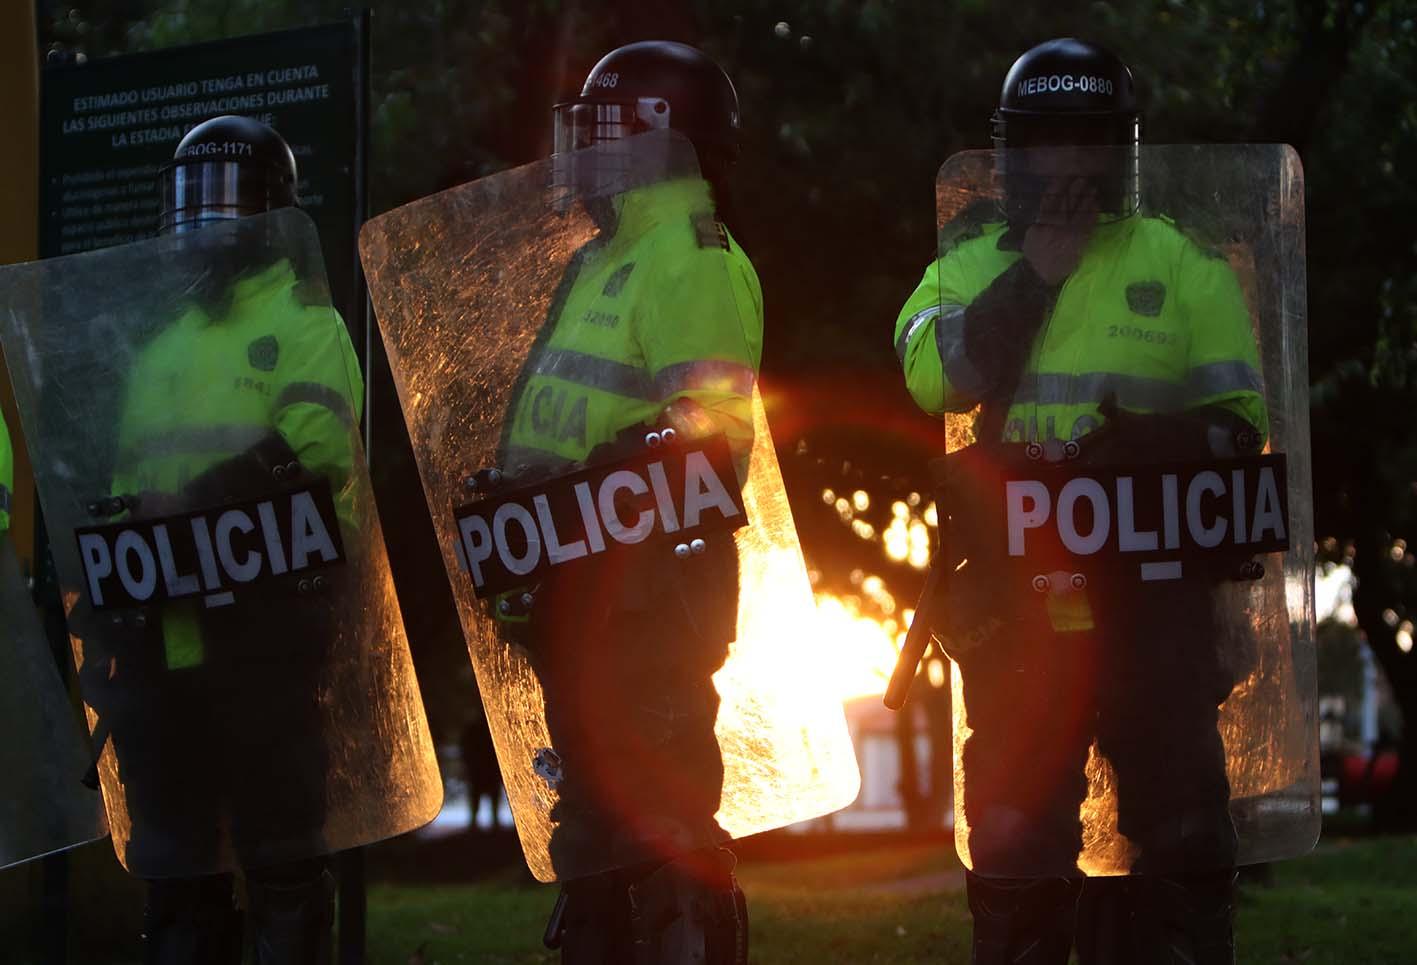 protestas_en_villa_luz_4_0_3_0